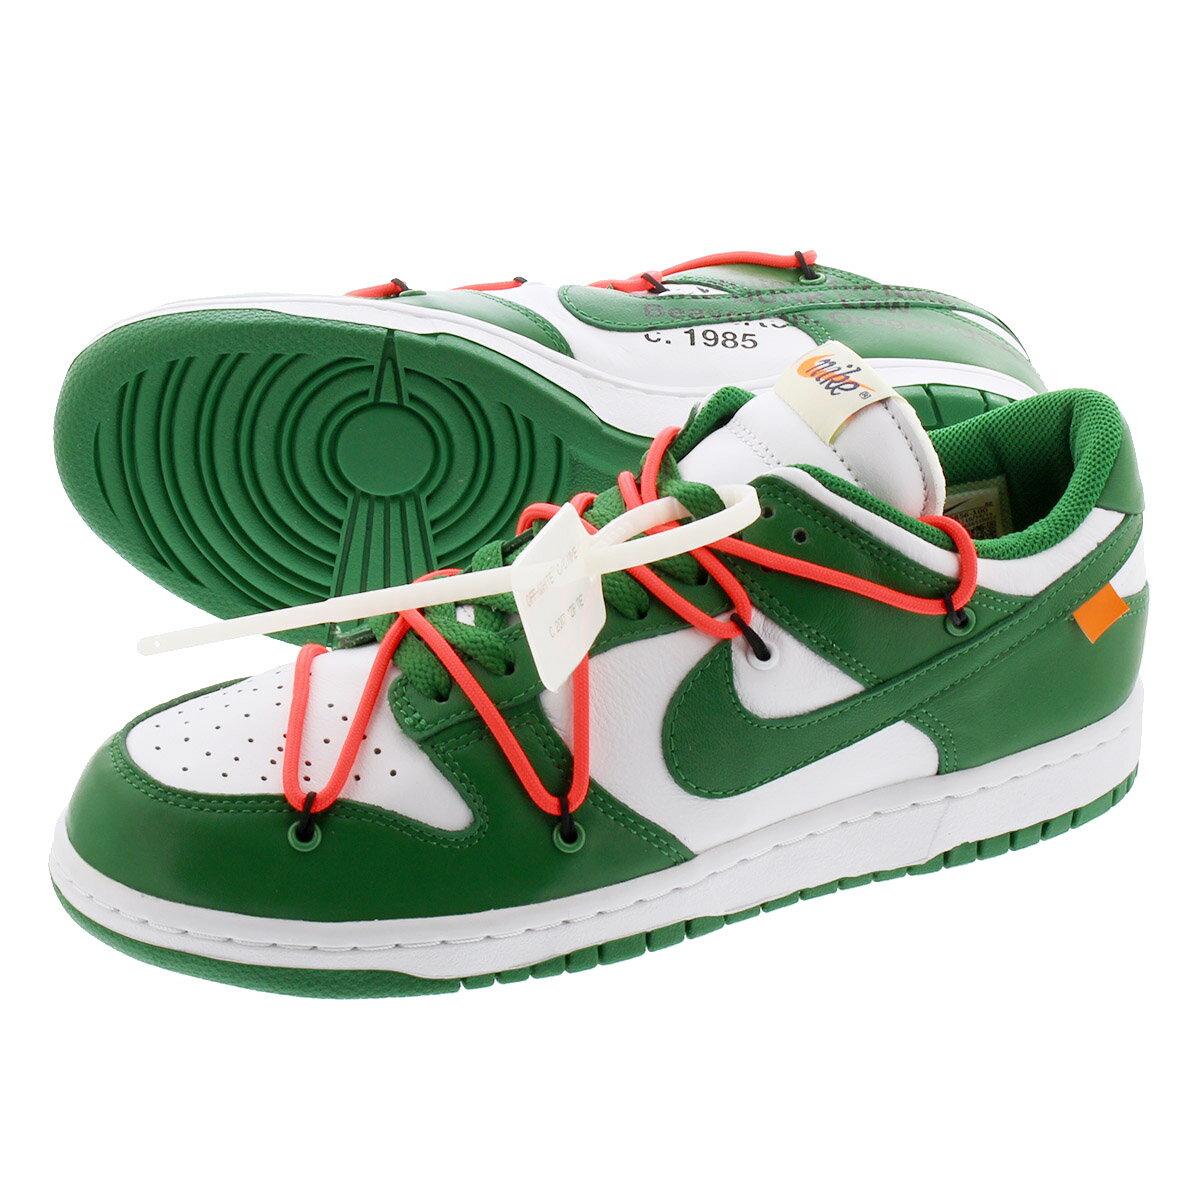 メンズ靴, スニーカー NIKE DUNK LOW LTHR OFF-WHITE WHITEPINE GREEN ct0856-100